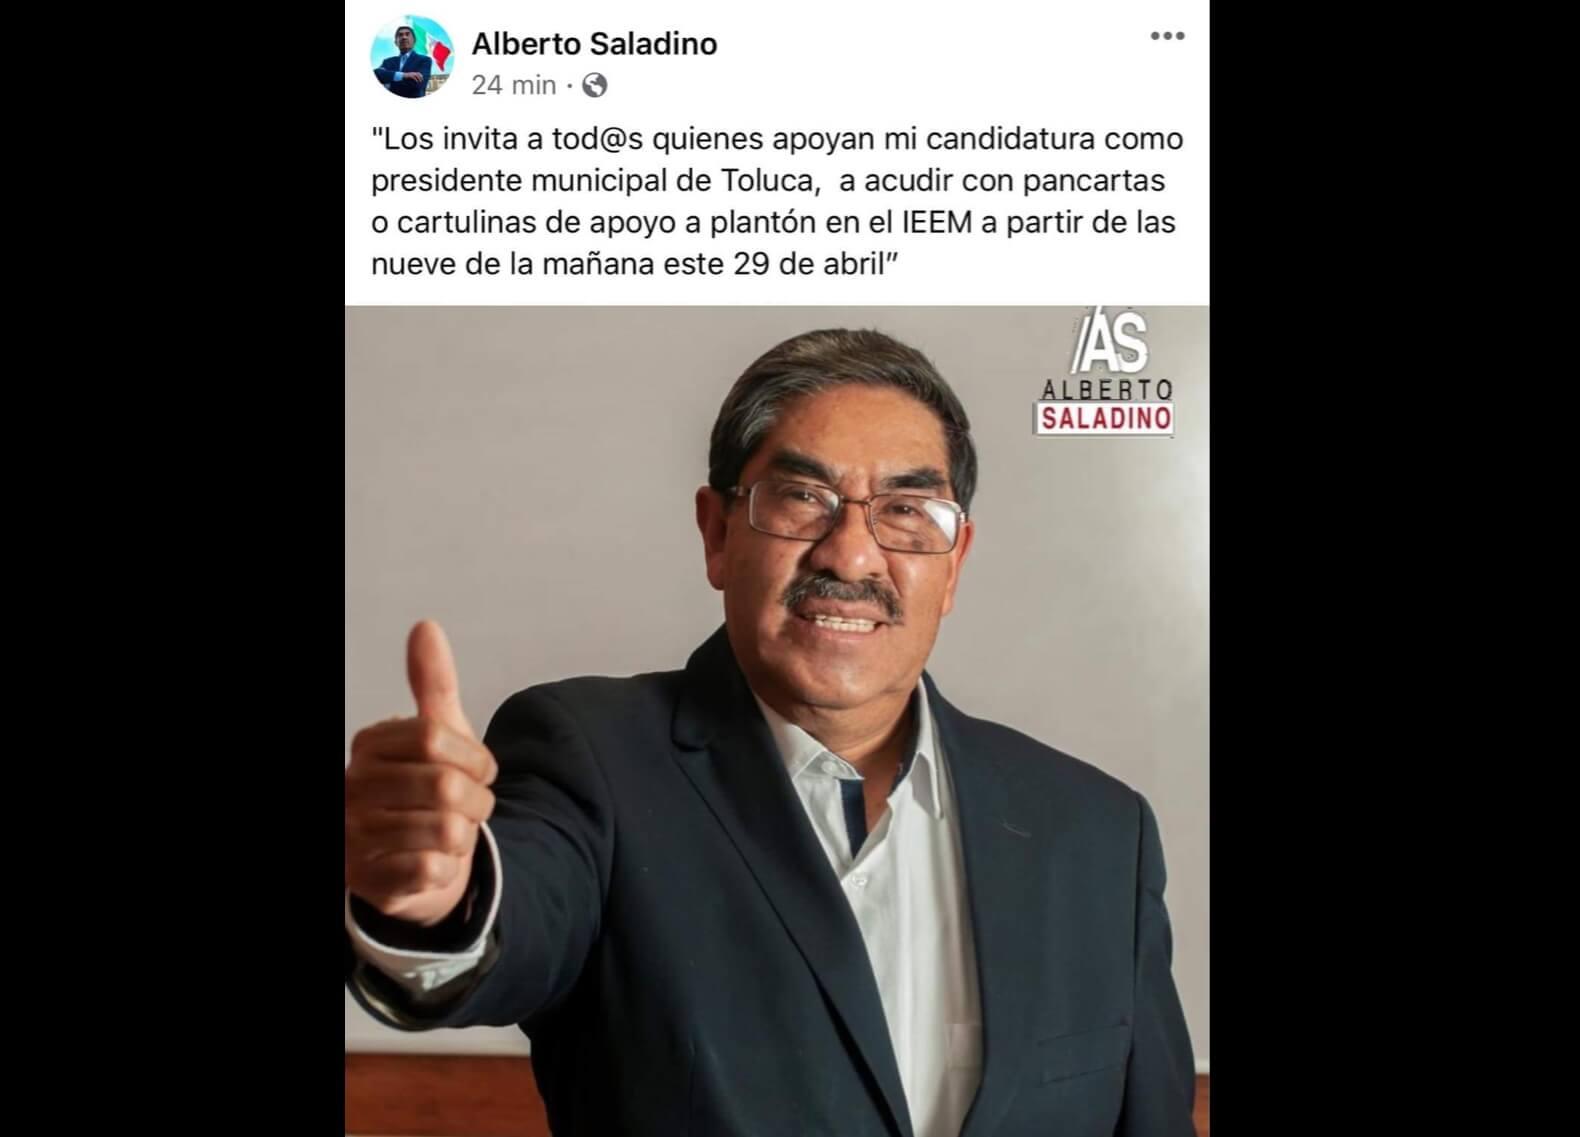 Rechaza reelección de Toluca y amaga con plantón en IEEM